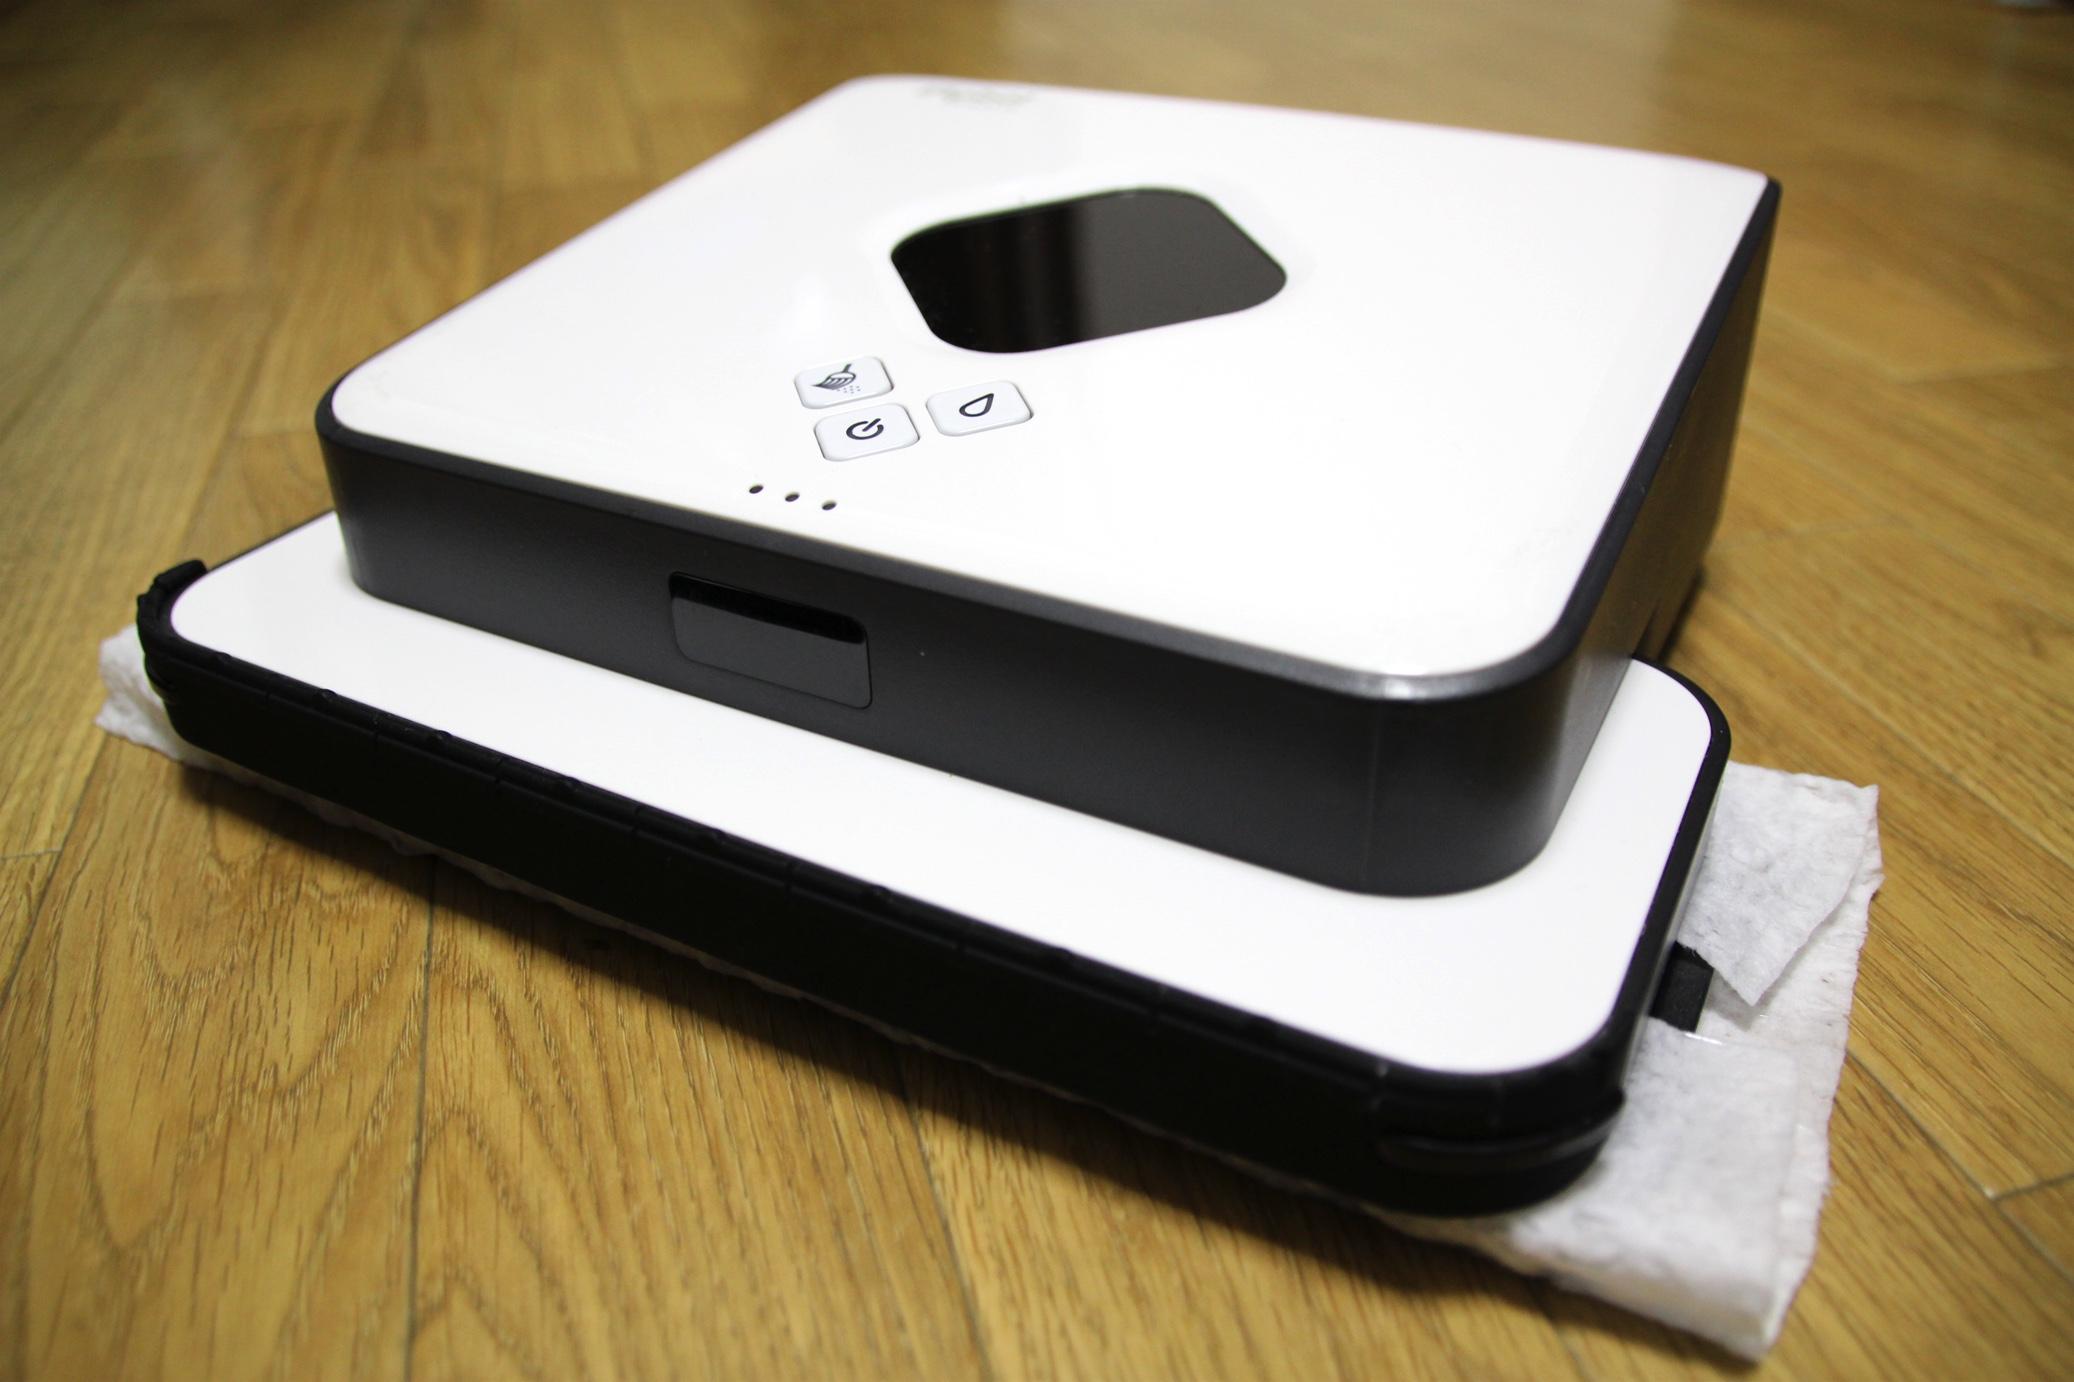 床拭きロボット『ブラーバ380j』を試す(クイックルワイパー編)